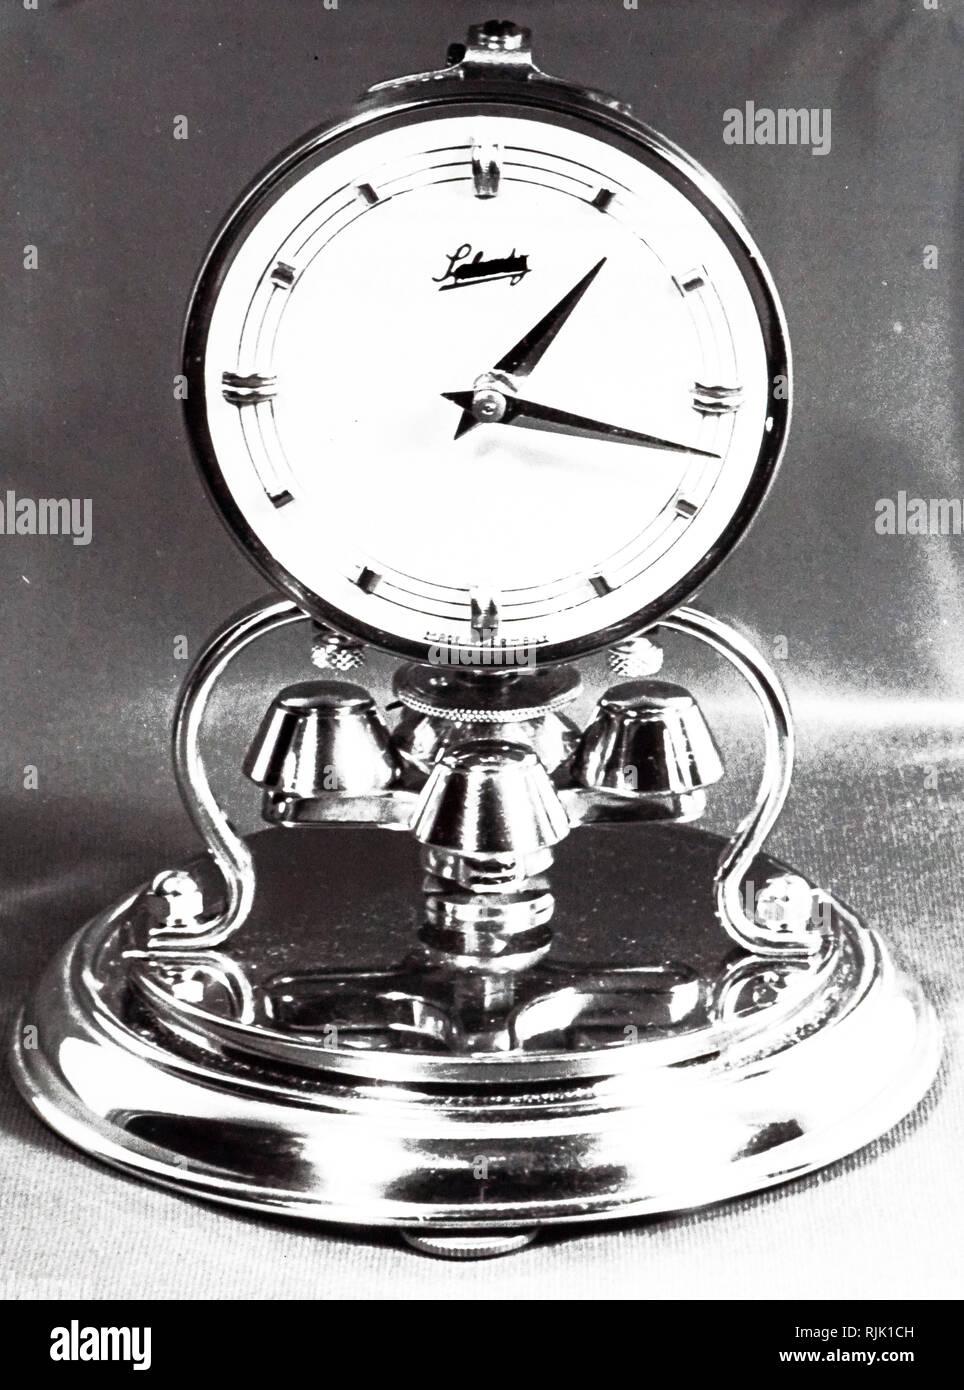 Dating horloges de Haller liste de nos sites de rencontre